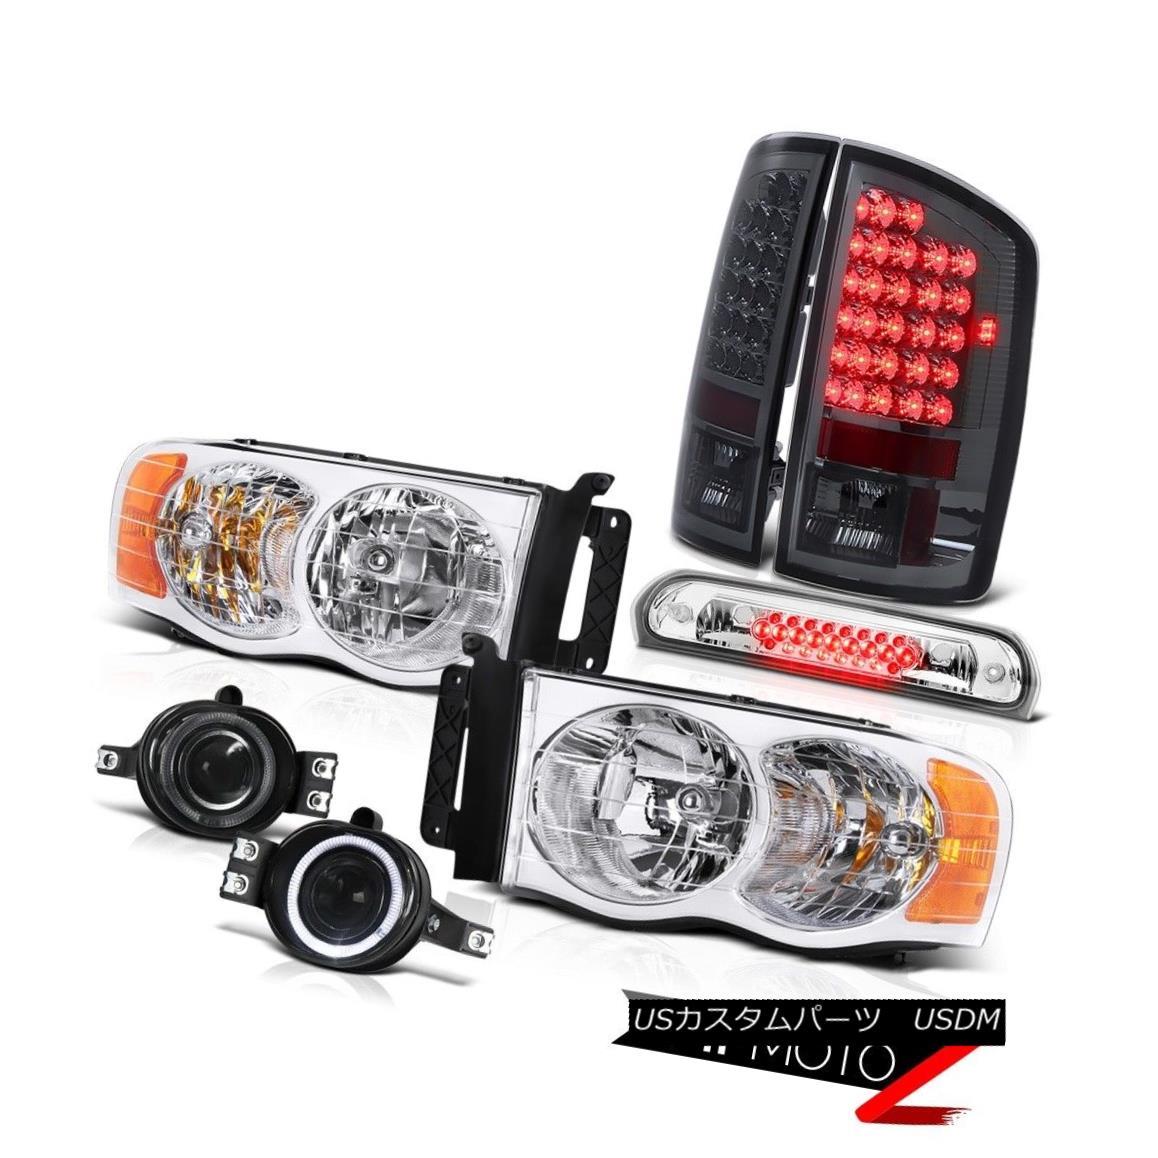 ヘッドライト 2002-2005 Dodge Ram Factory Style Headlights Smoke LED Tail Lights Fog High Stop 2002-2005ダッジ・ラム・ファクトリー・ヘッドライトスモークLEDテールライトフォグハイストップ